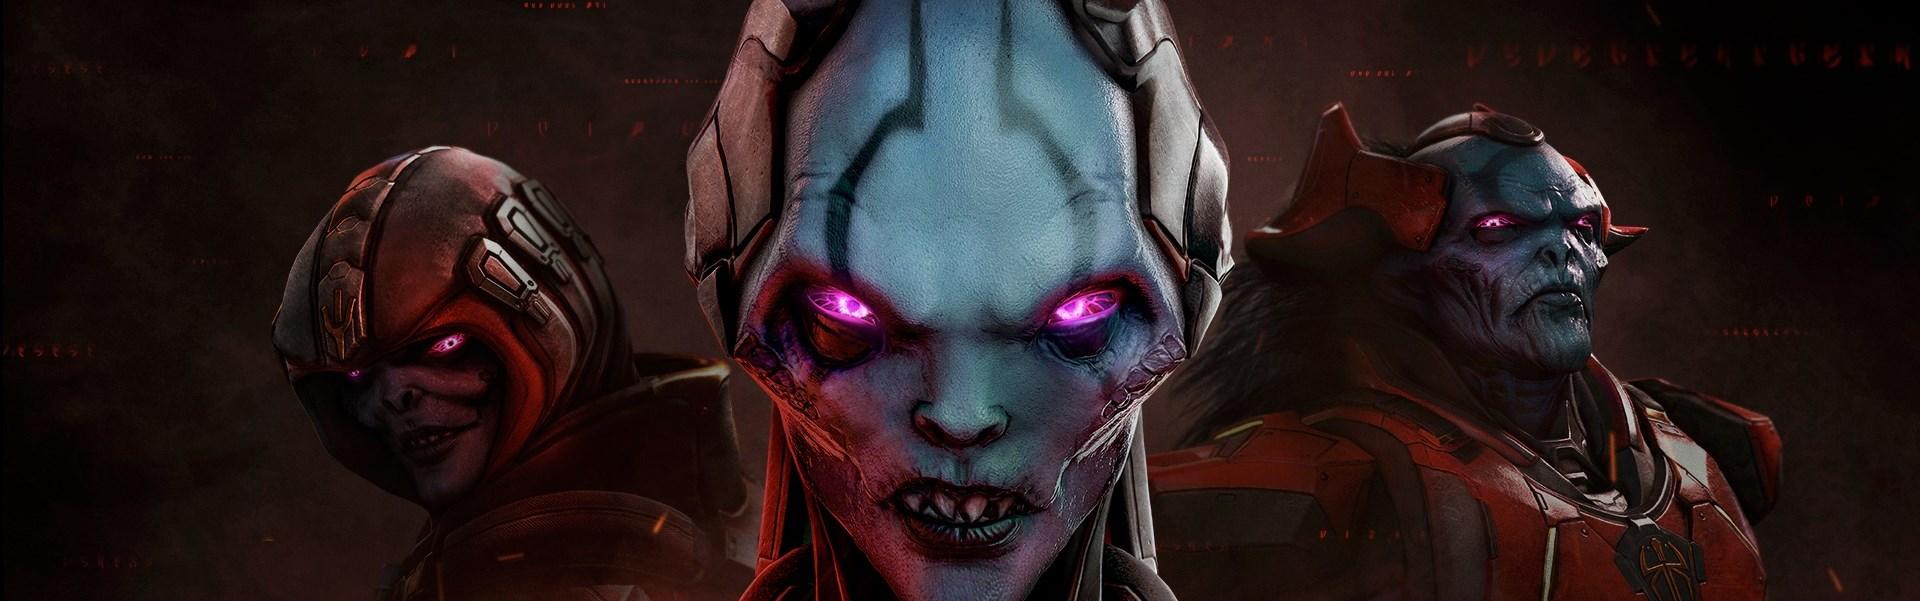 XCOM 2 - War of the Chosen (DLC) Steam Key GLOBAL